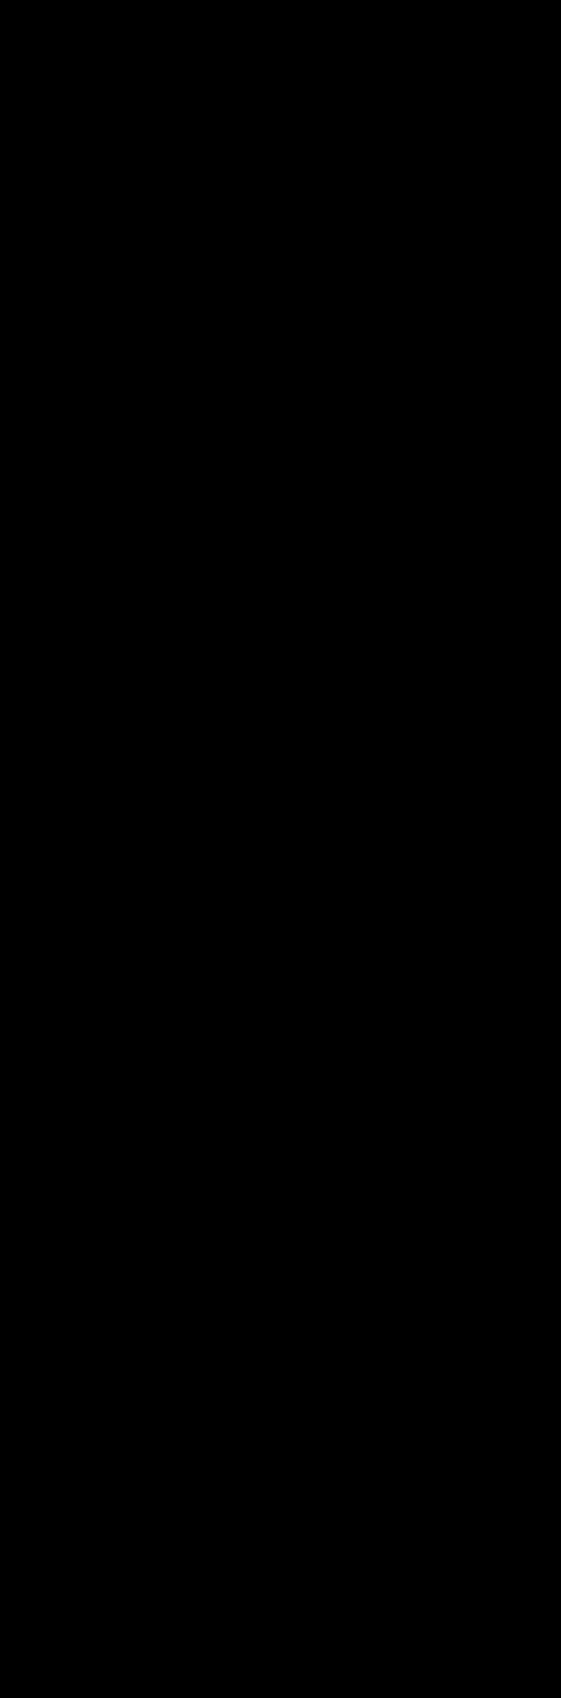 คอร์ด คอร์ดกีตาร์ ง่าย เพลง ปลาการ์ตูน